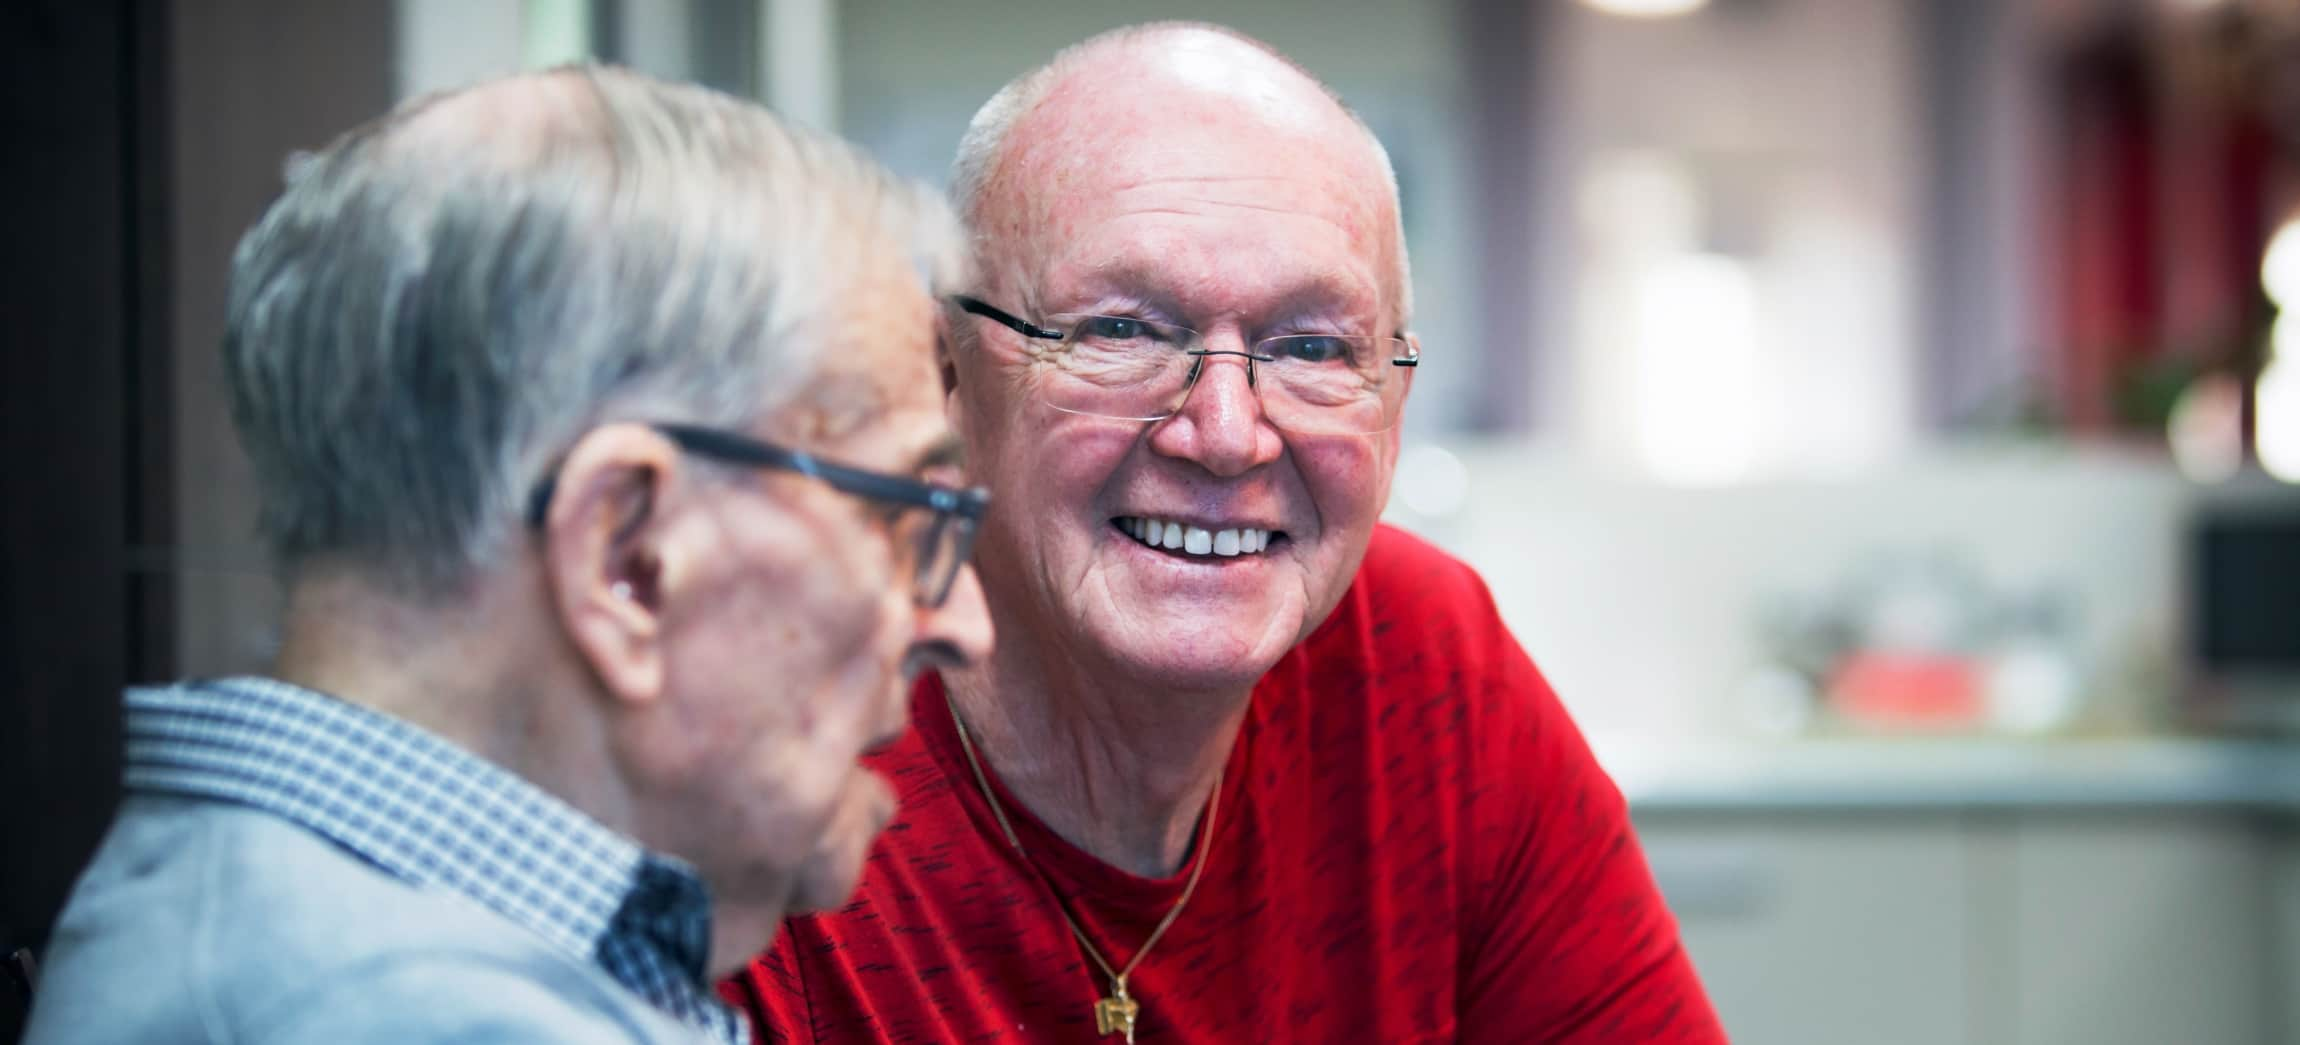 Jan Rijvordt (71) is meer dan fulltime vrijwilliger in Het Schouw in Amsterdam-Noord.